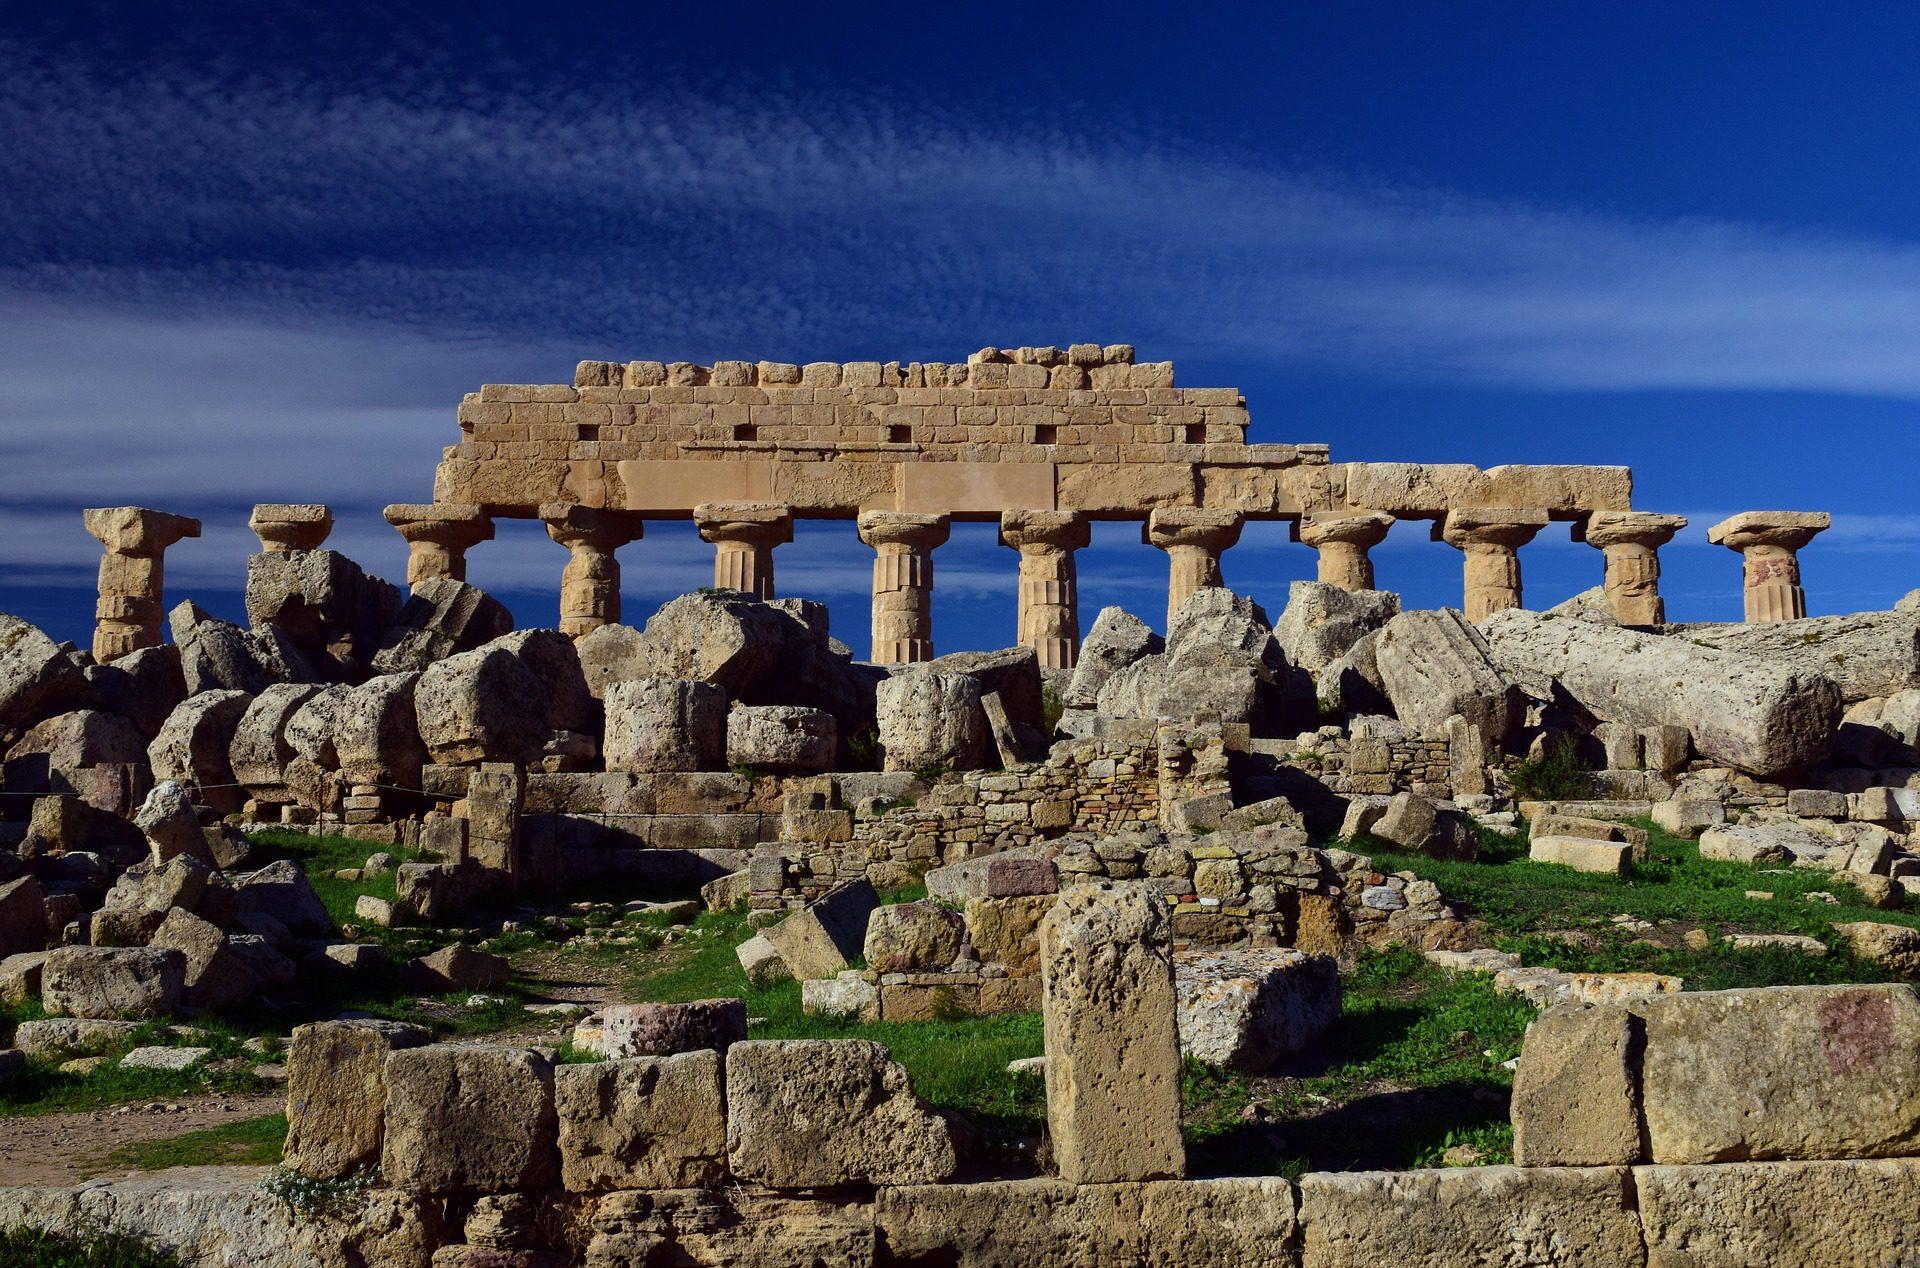 Η καθοριστική επιρροή του καιρού στην εξέλιξη της ιστορίας και των πολιτισμών